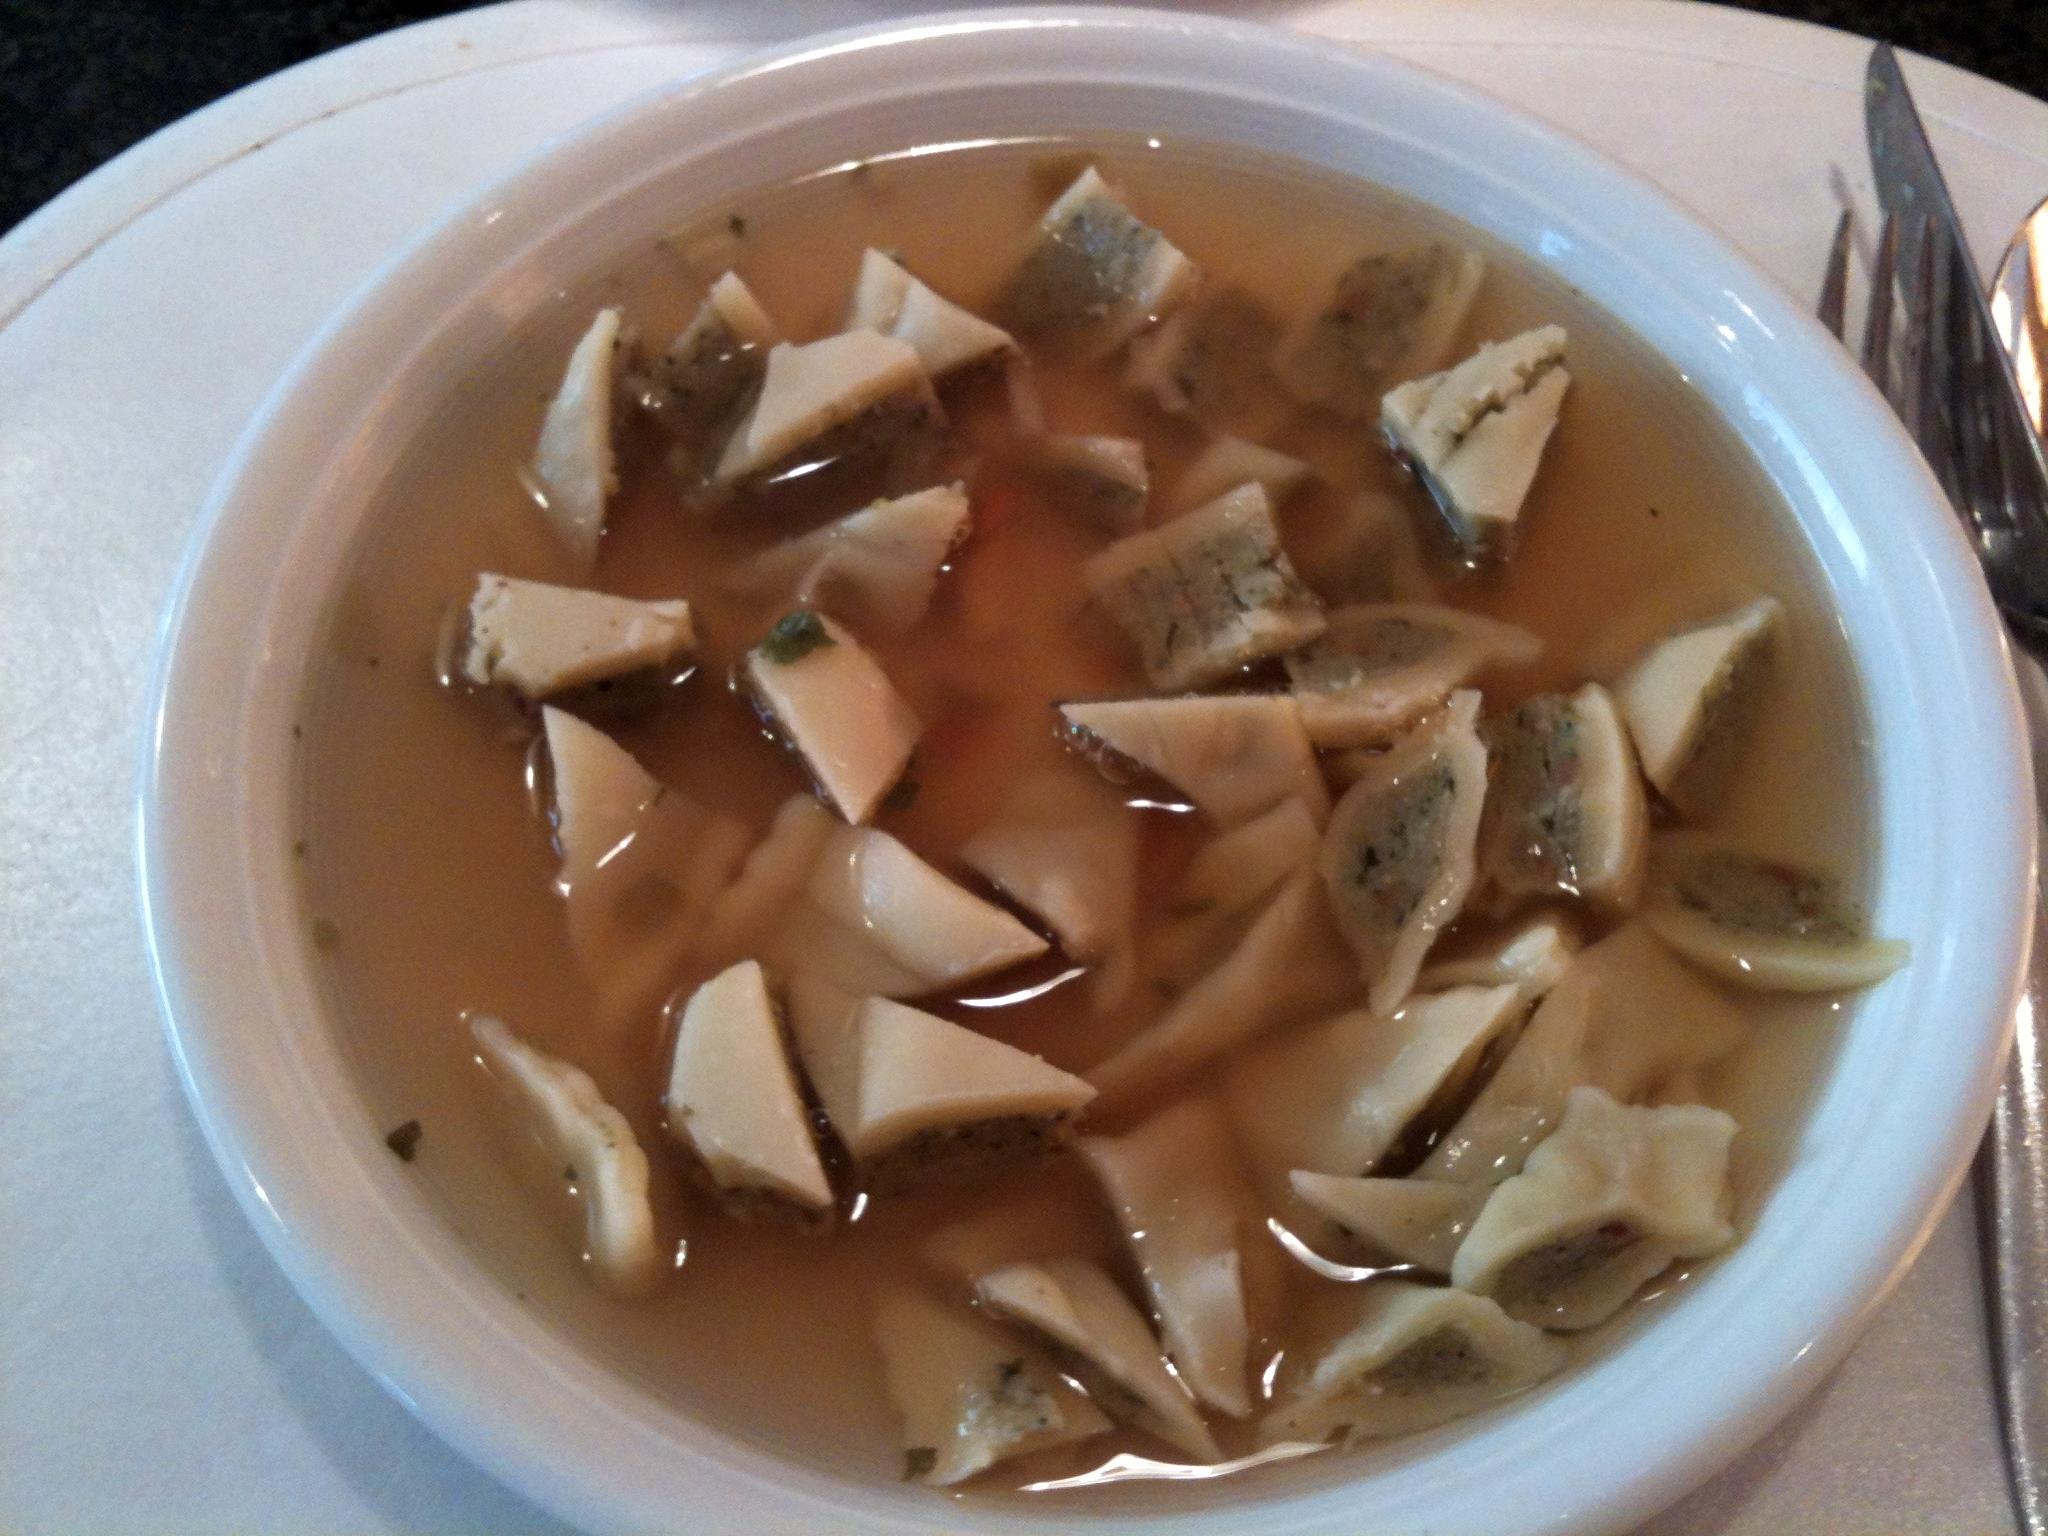 https://foodloader.net/nico_2012-11-17_maultaschen-in-der-bruehe.jpg